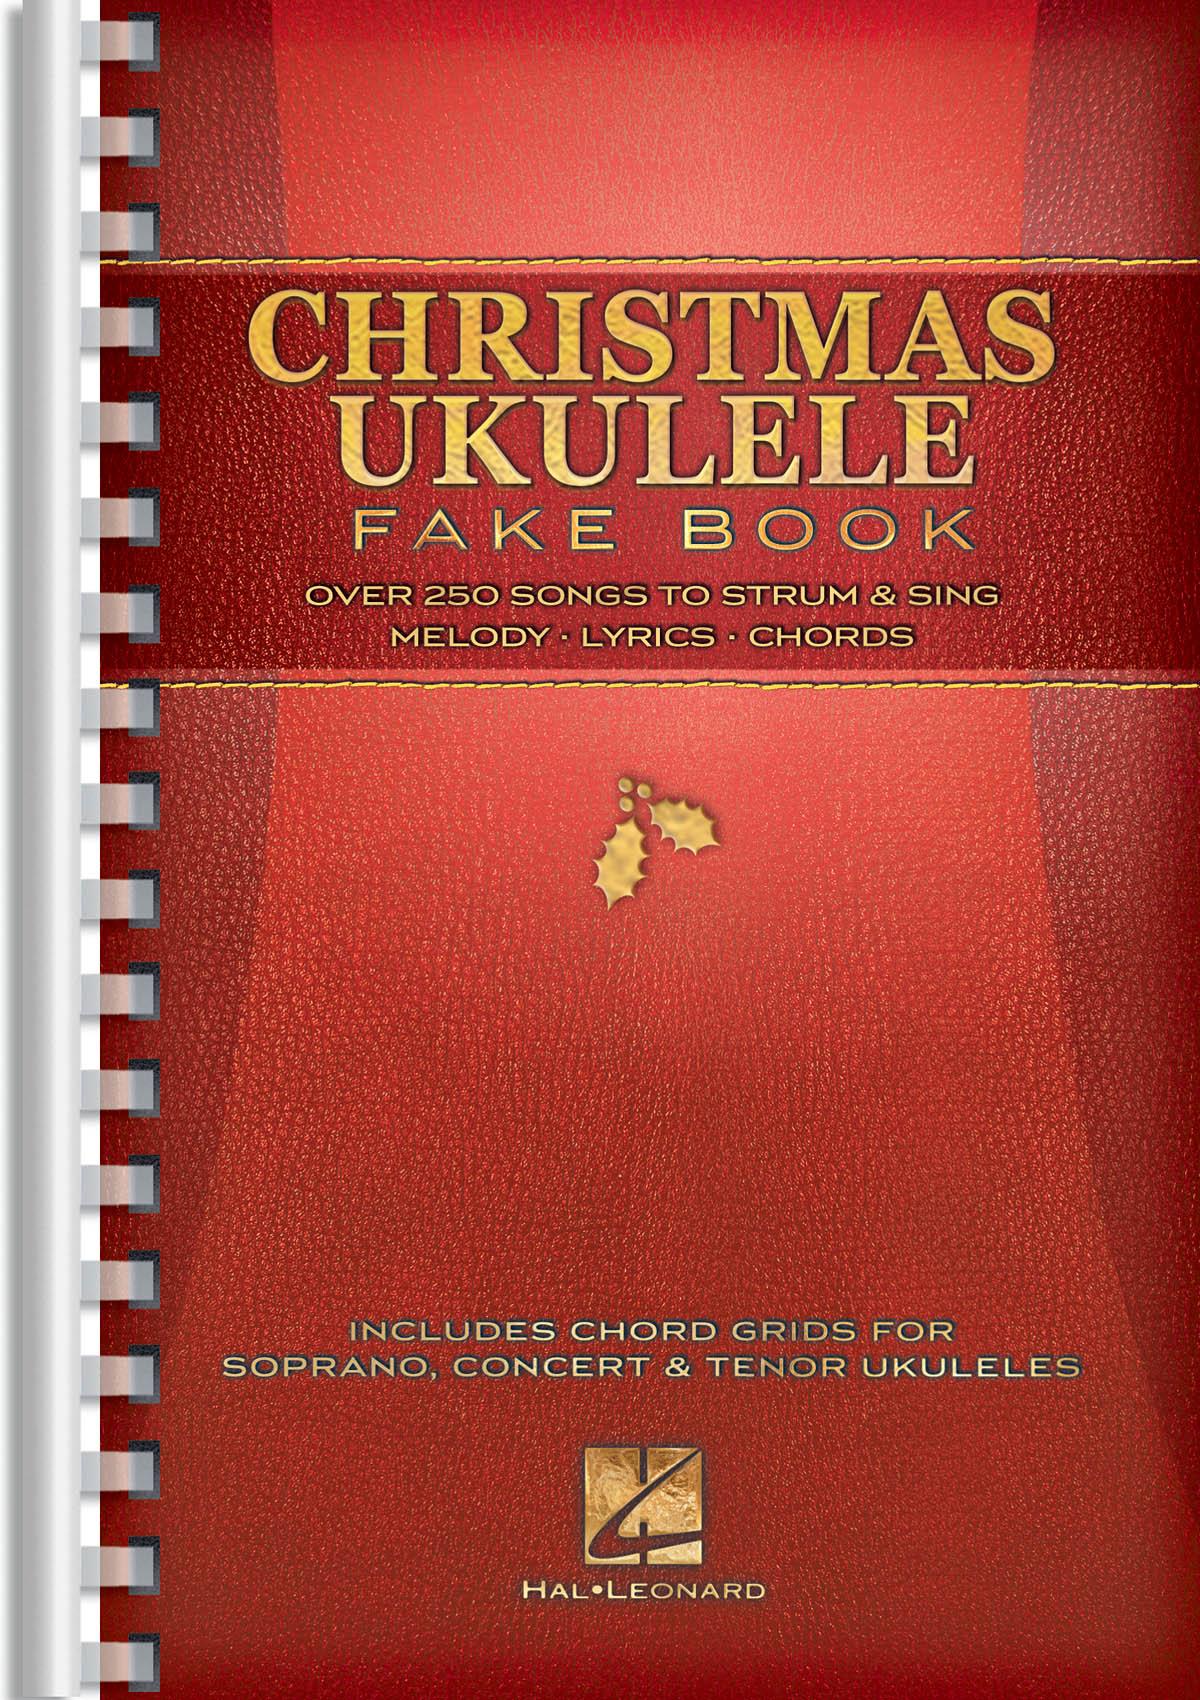 Christmas Ukulele Fake Book: Melody  Lyrics and Chords: Mixed Songbook